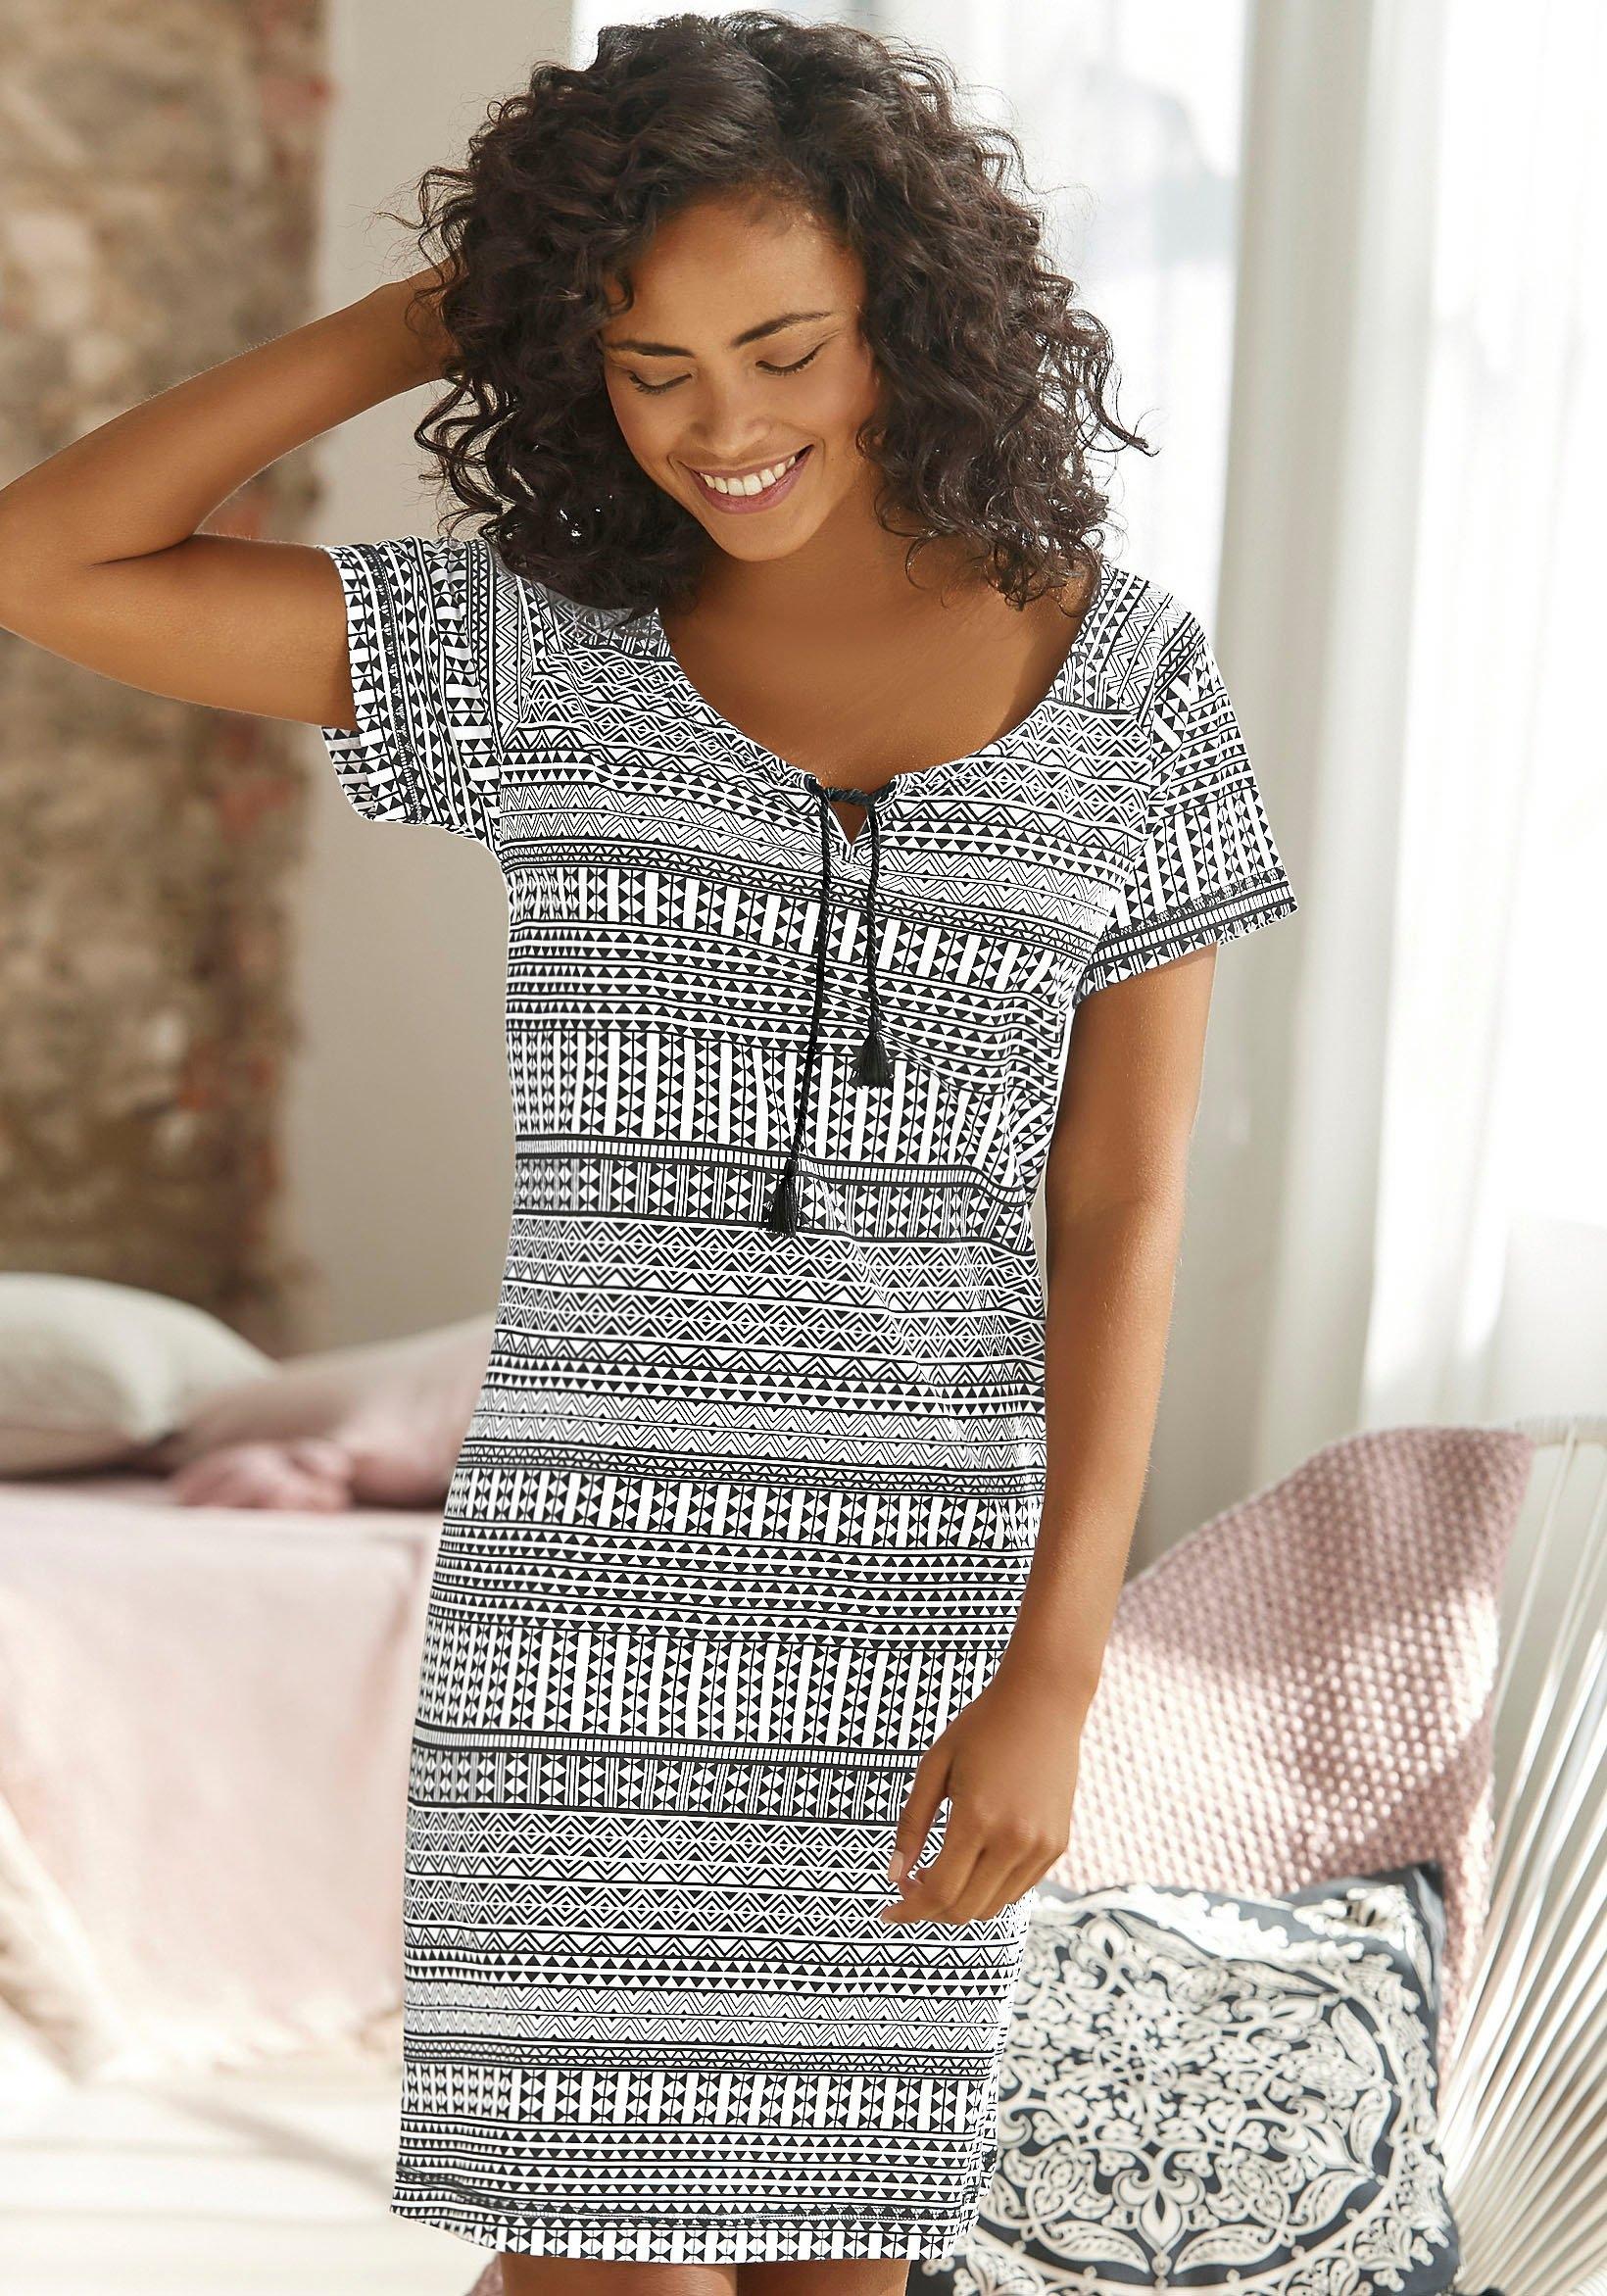 vivance collection nachthemd in de webshop van Lascana kopen